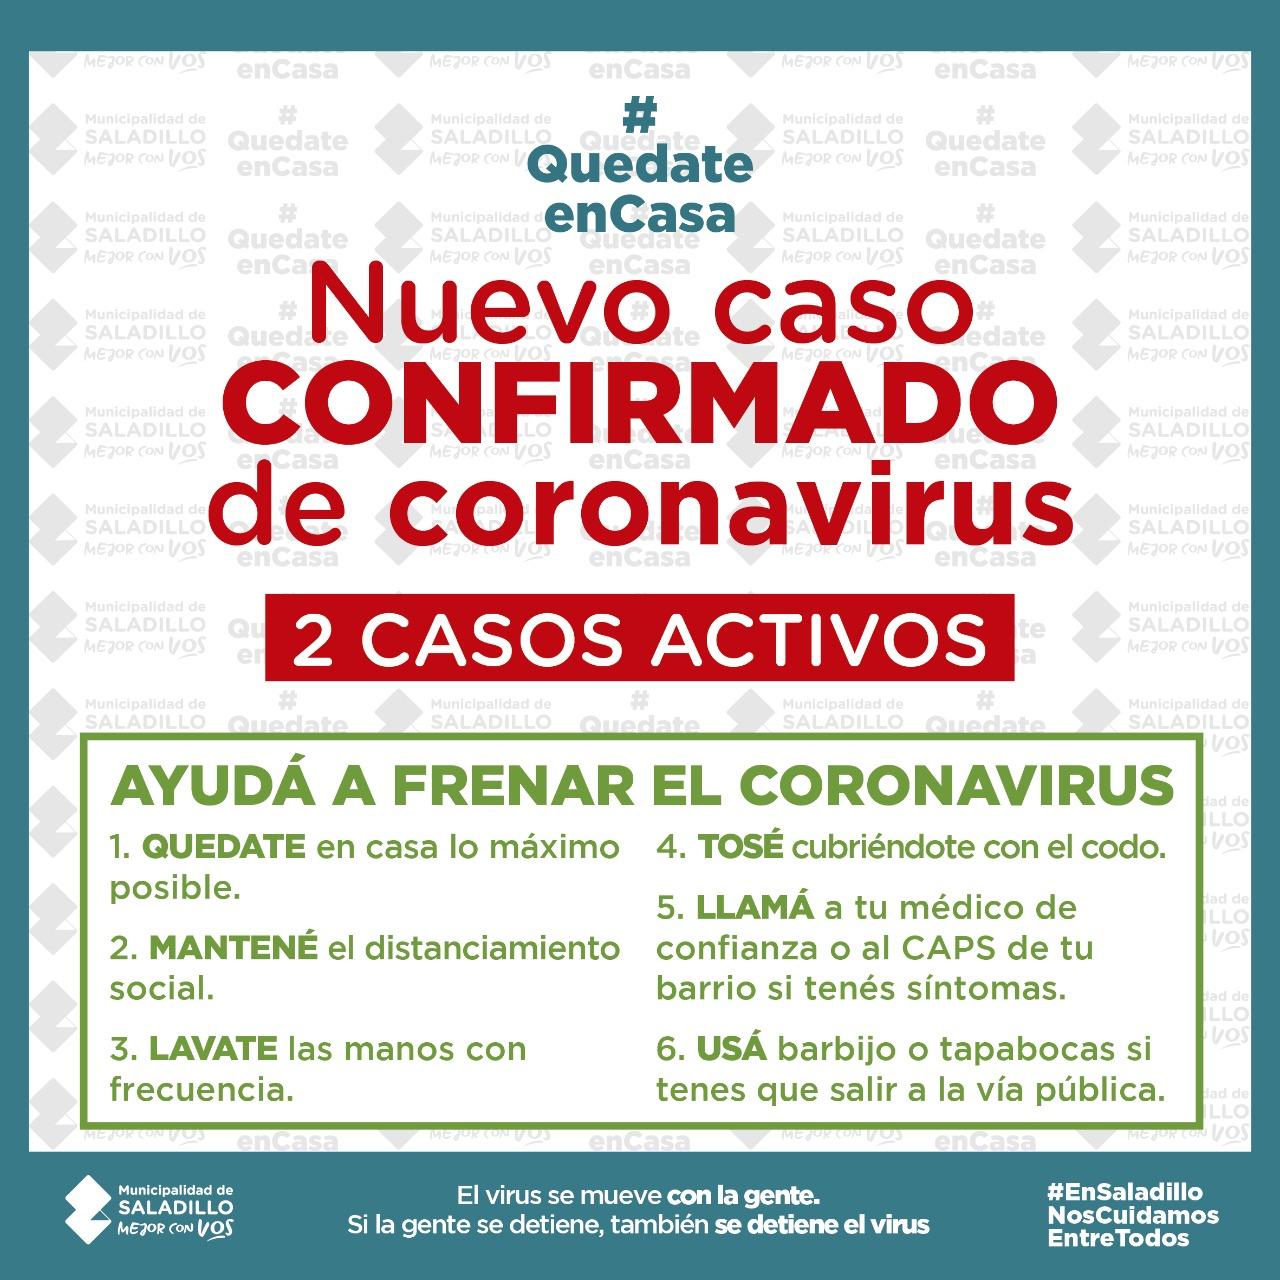 *NUEVO CASO CONFIRMADO DE CORONAVIRUS EN SALADILLO